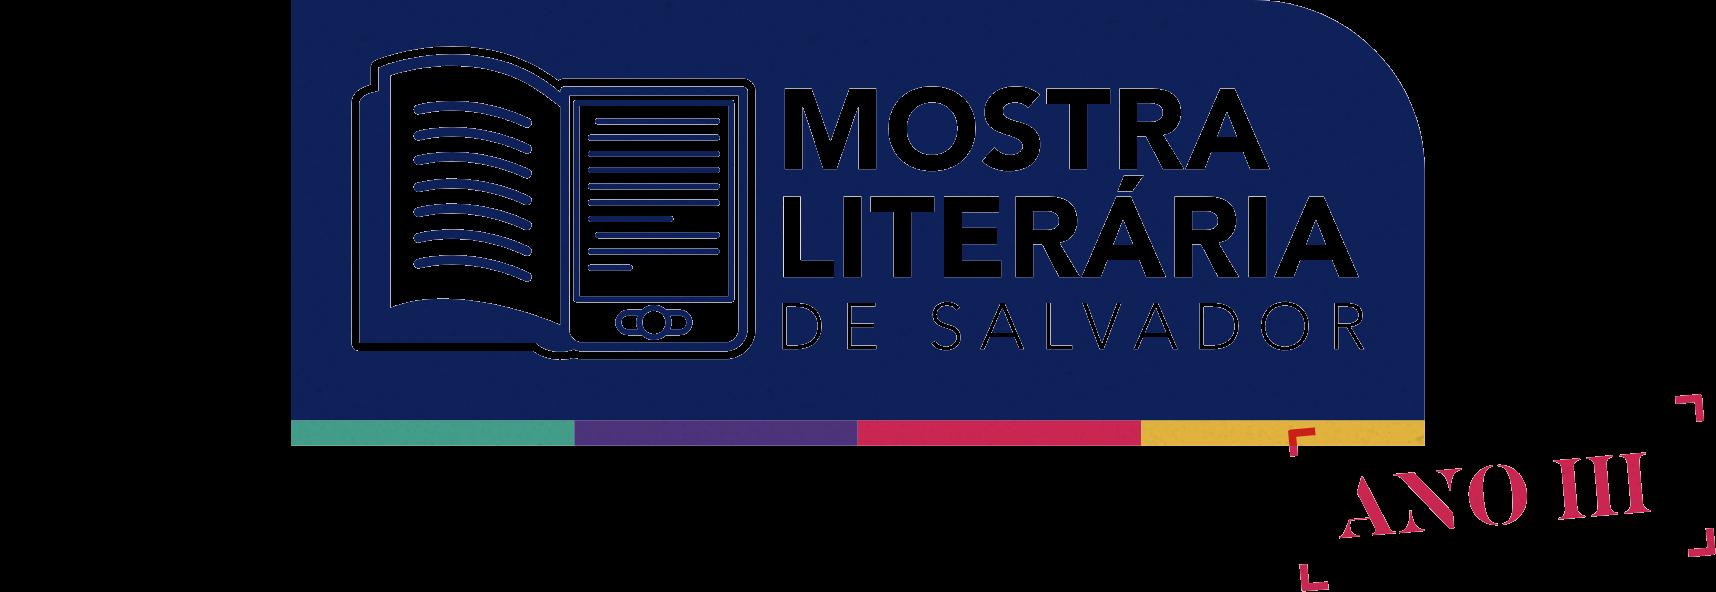 Logo da mostra literária de salvador